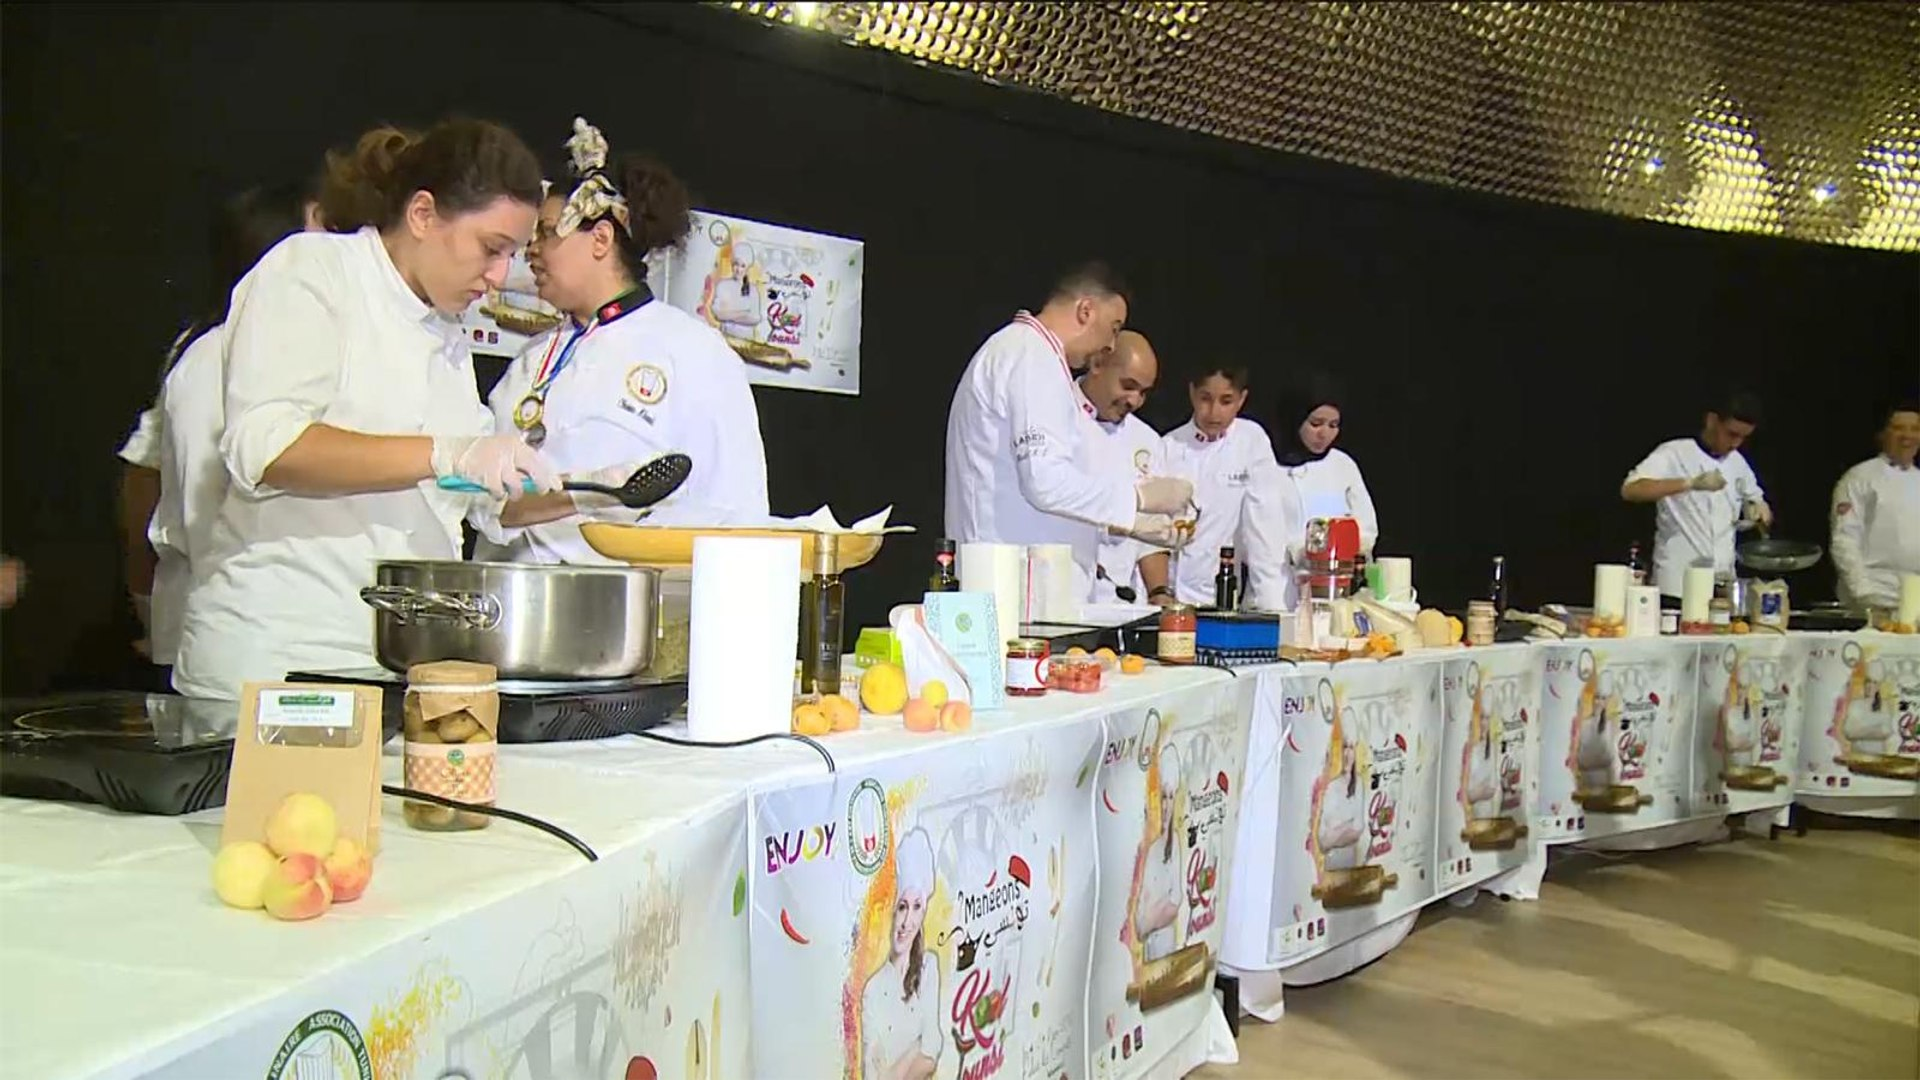 هذا الصباح-مشاركة كبيرة بمعرض الطبخ والأكلات التونسية